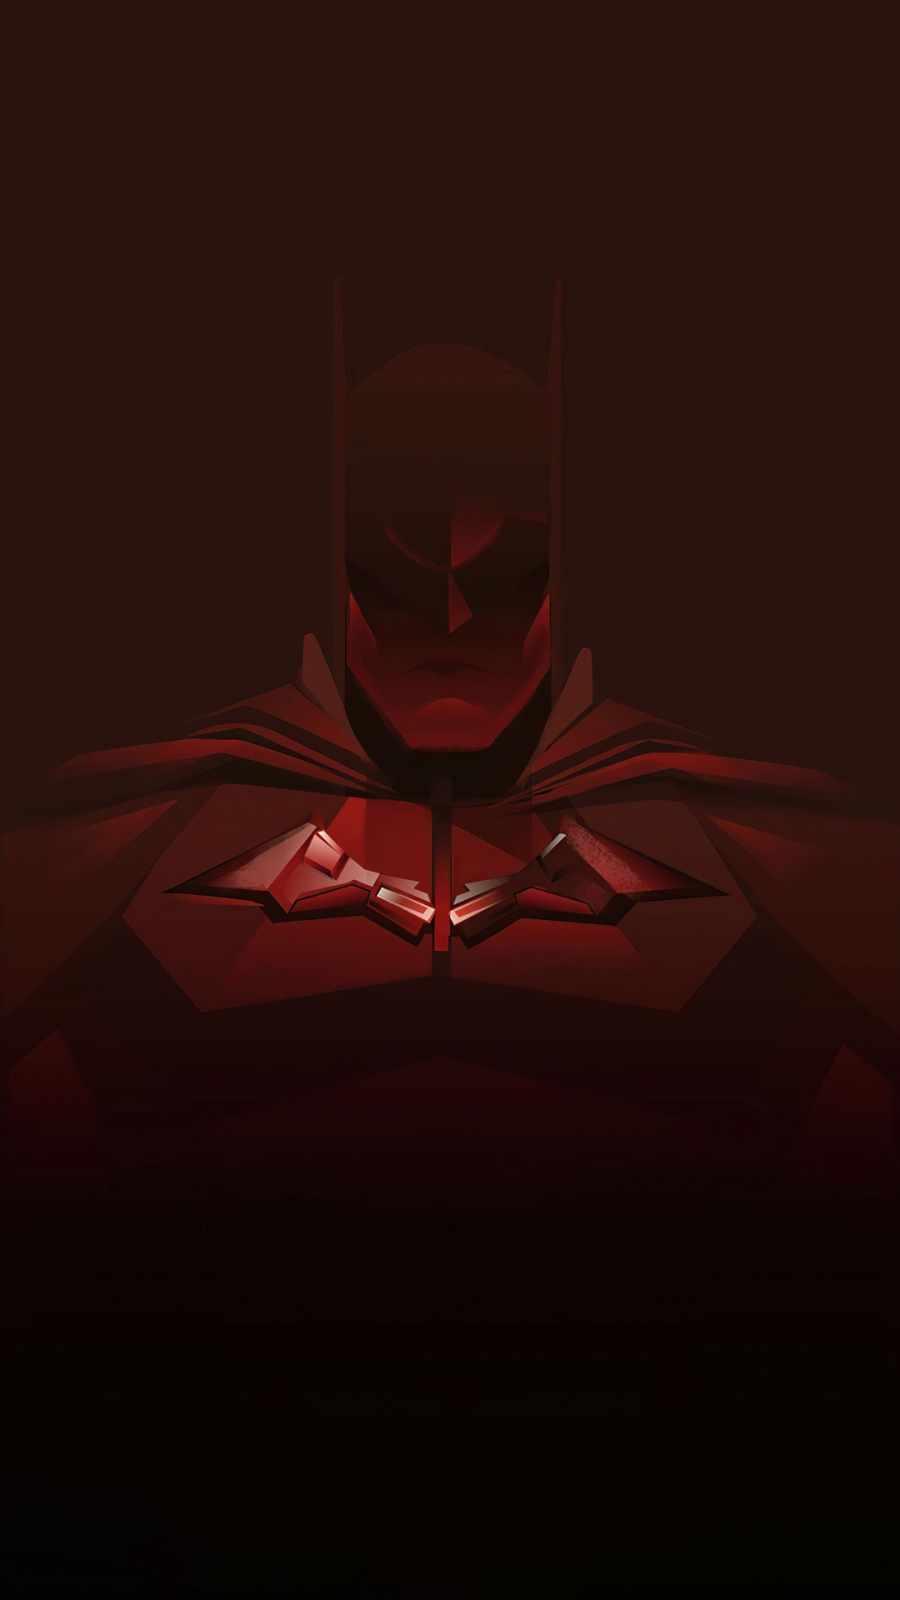 Batman red minimal